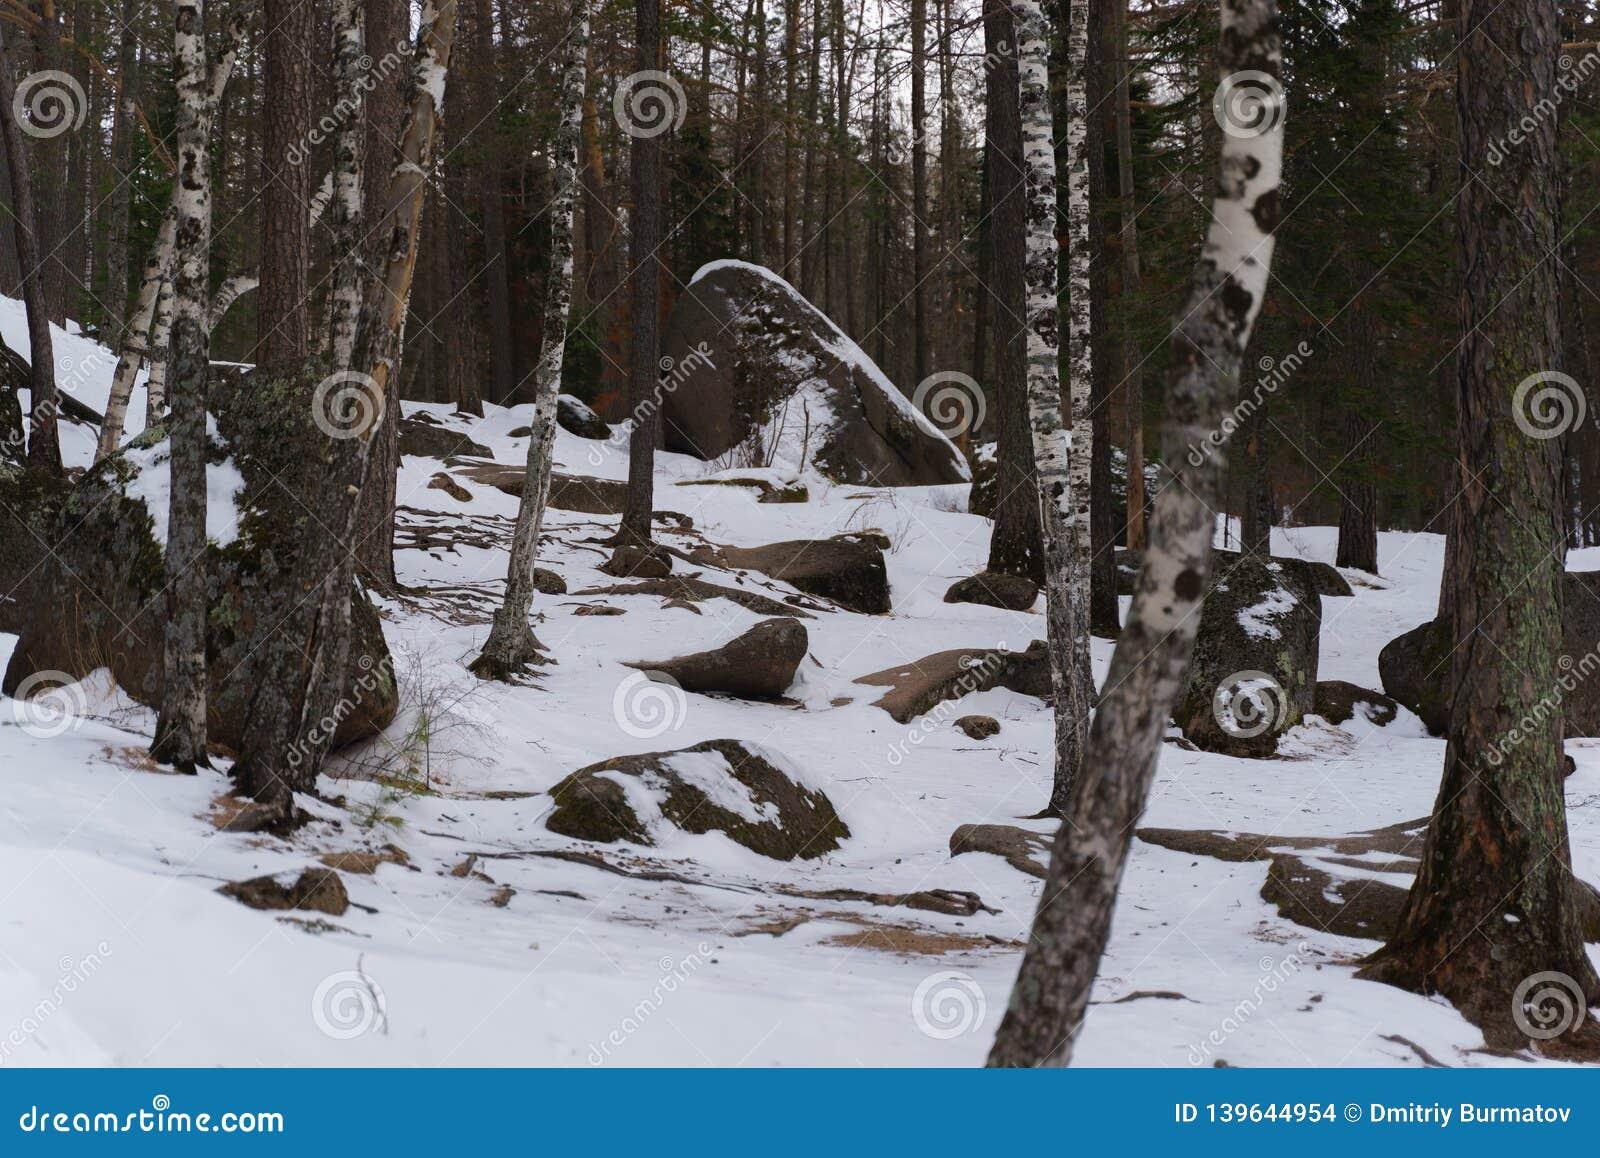 Cantos rodados y piedras enormes en el medio de un bosque nevoso